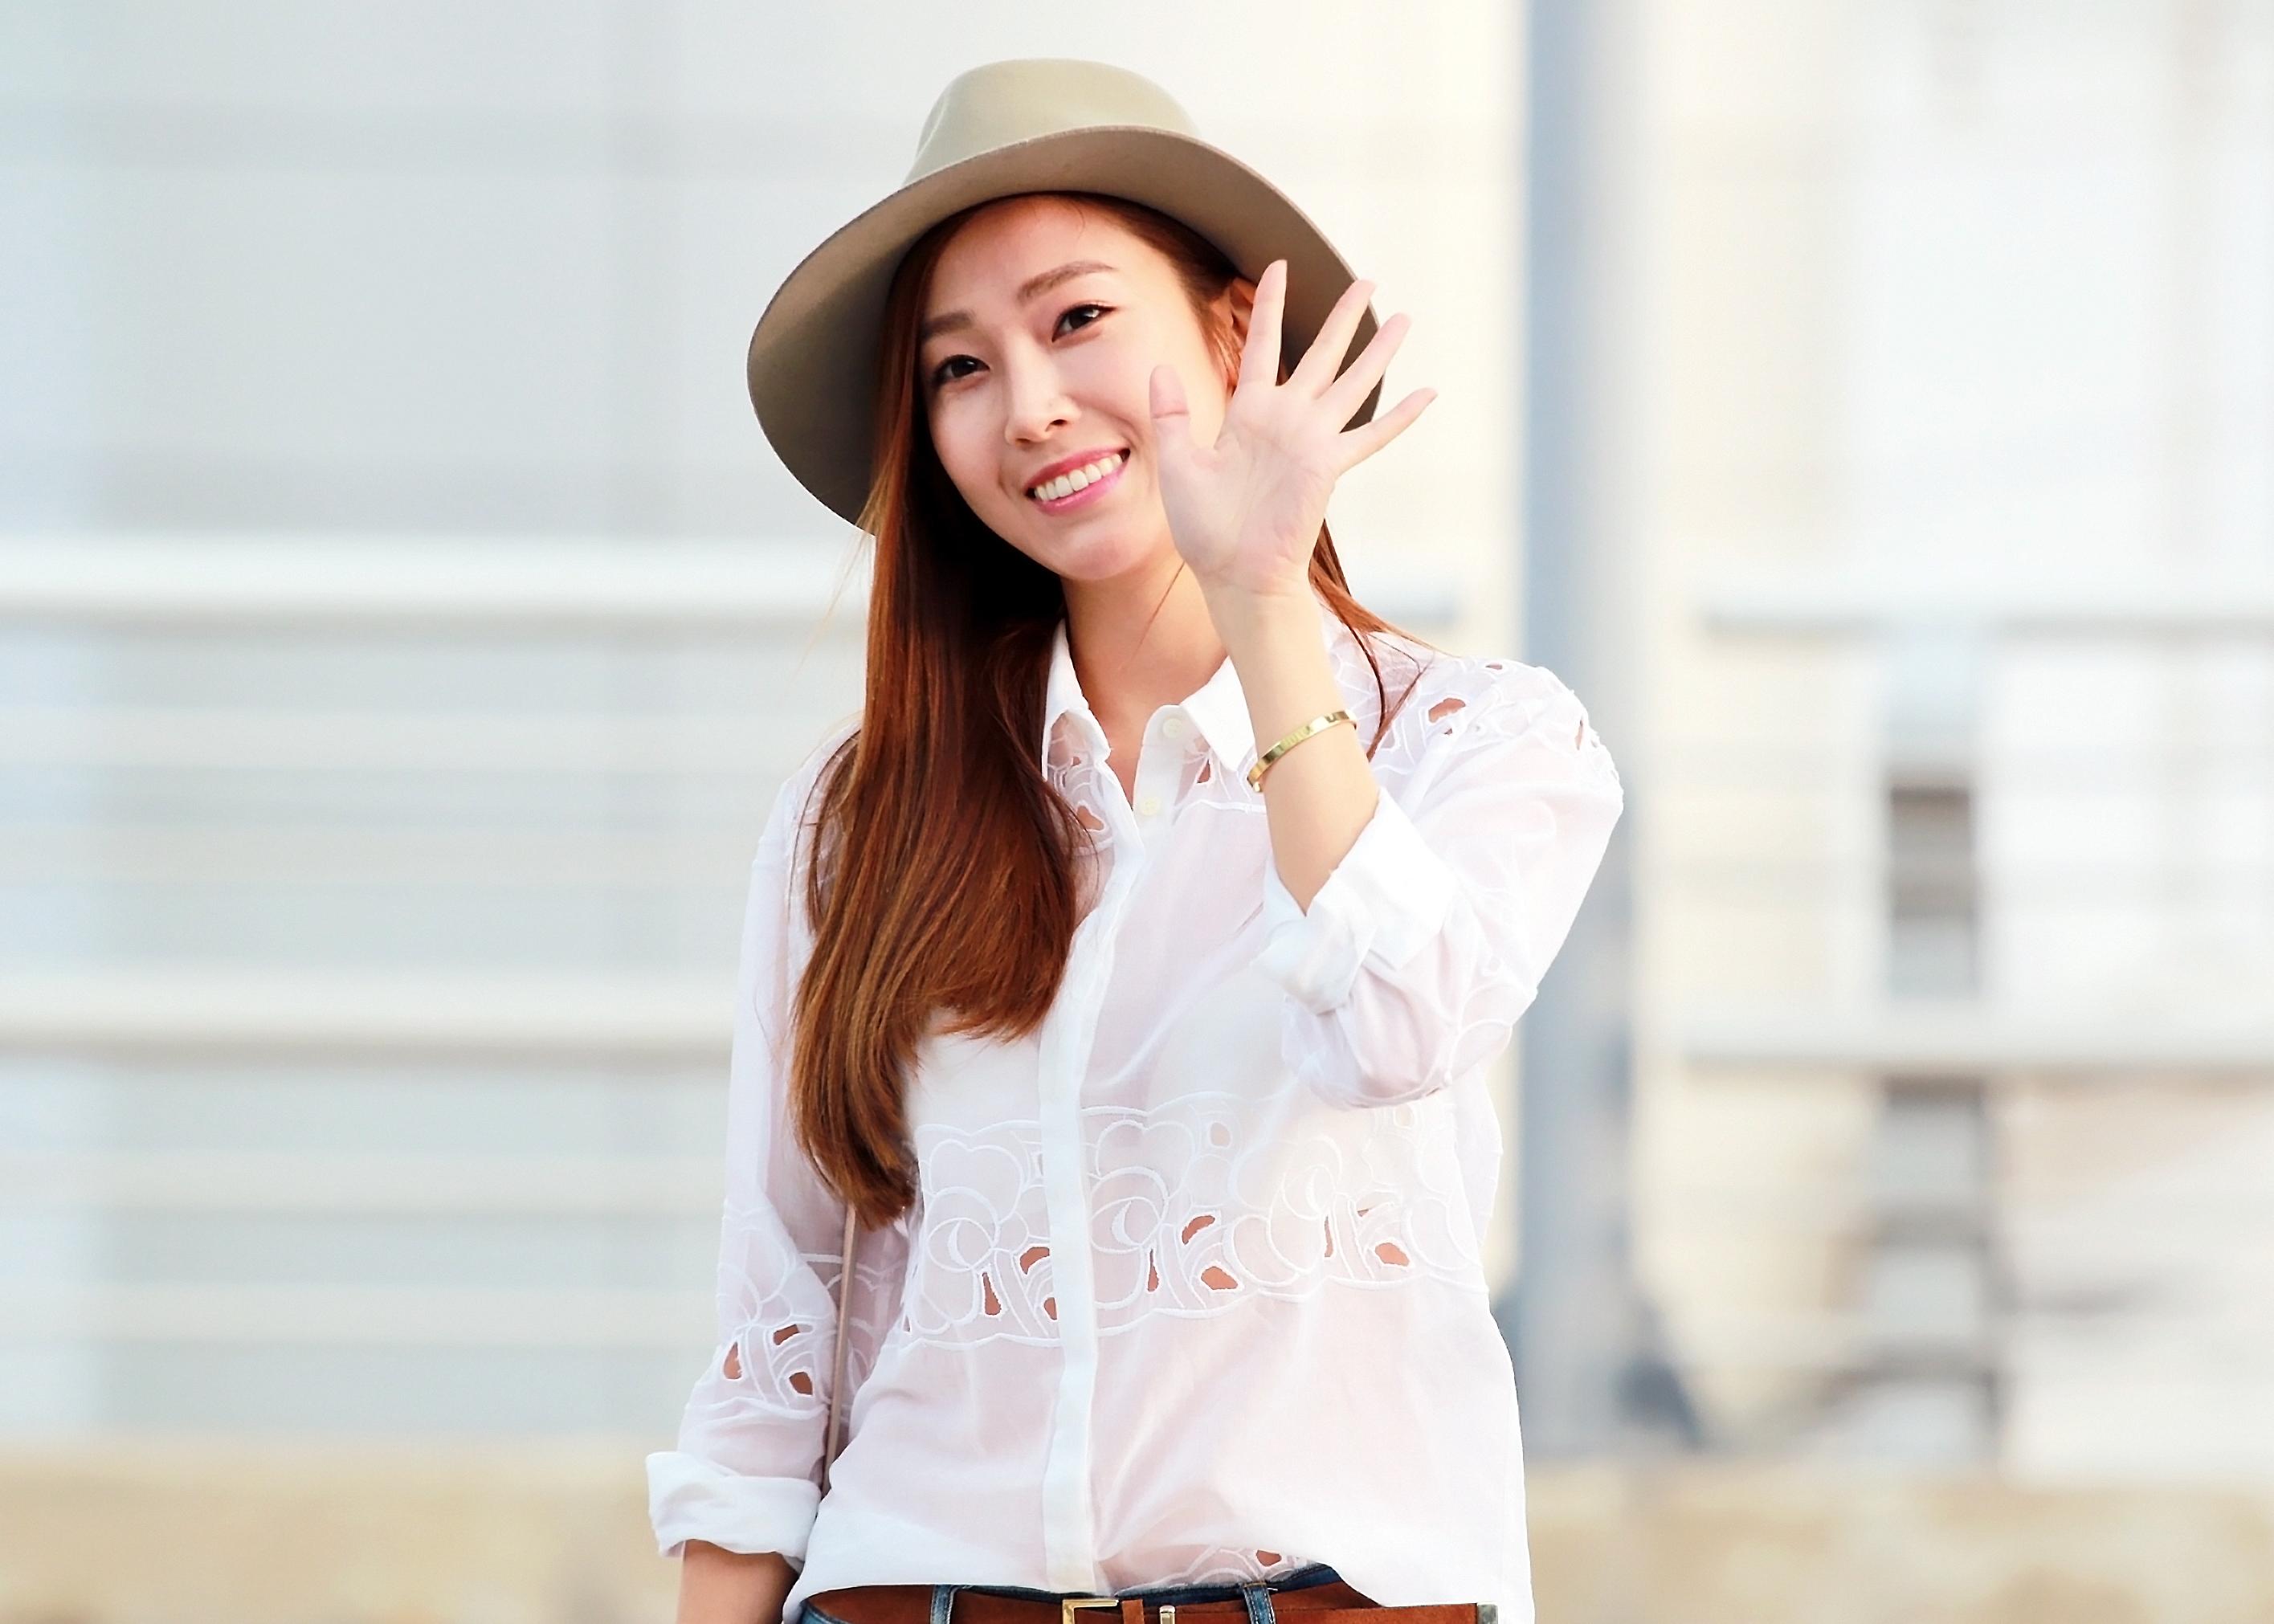 jessica jung wallpaper hd